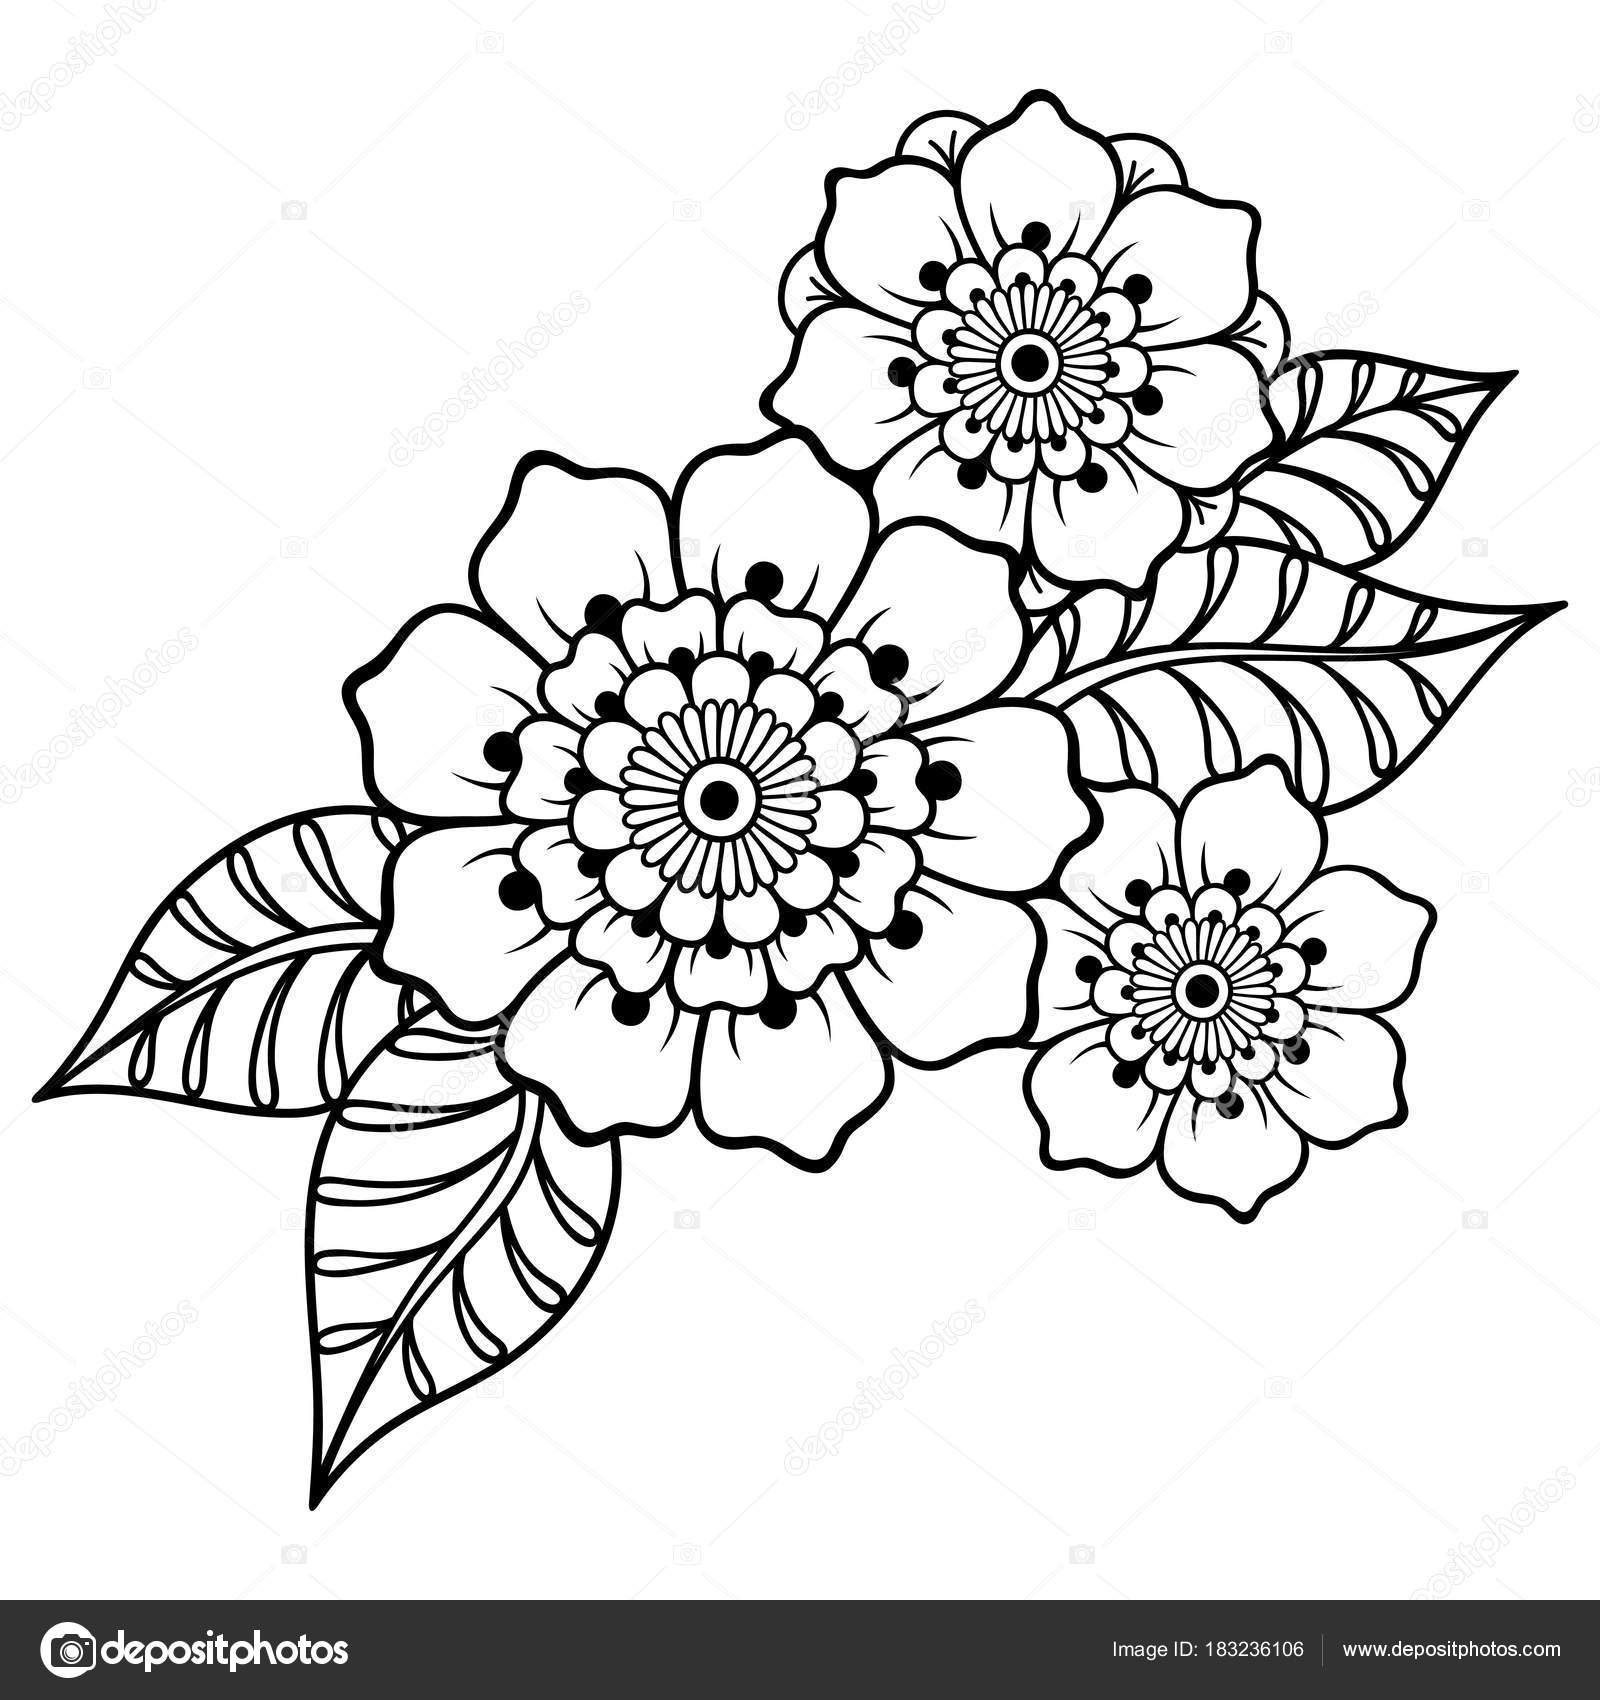 Henna Tattoo Blume Vorlage Indischen Stil Ethnische Floralen Paisley